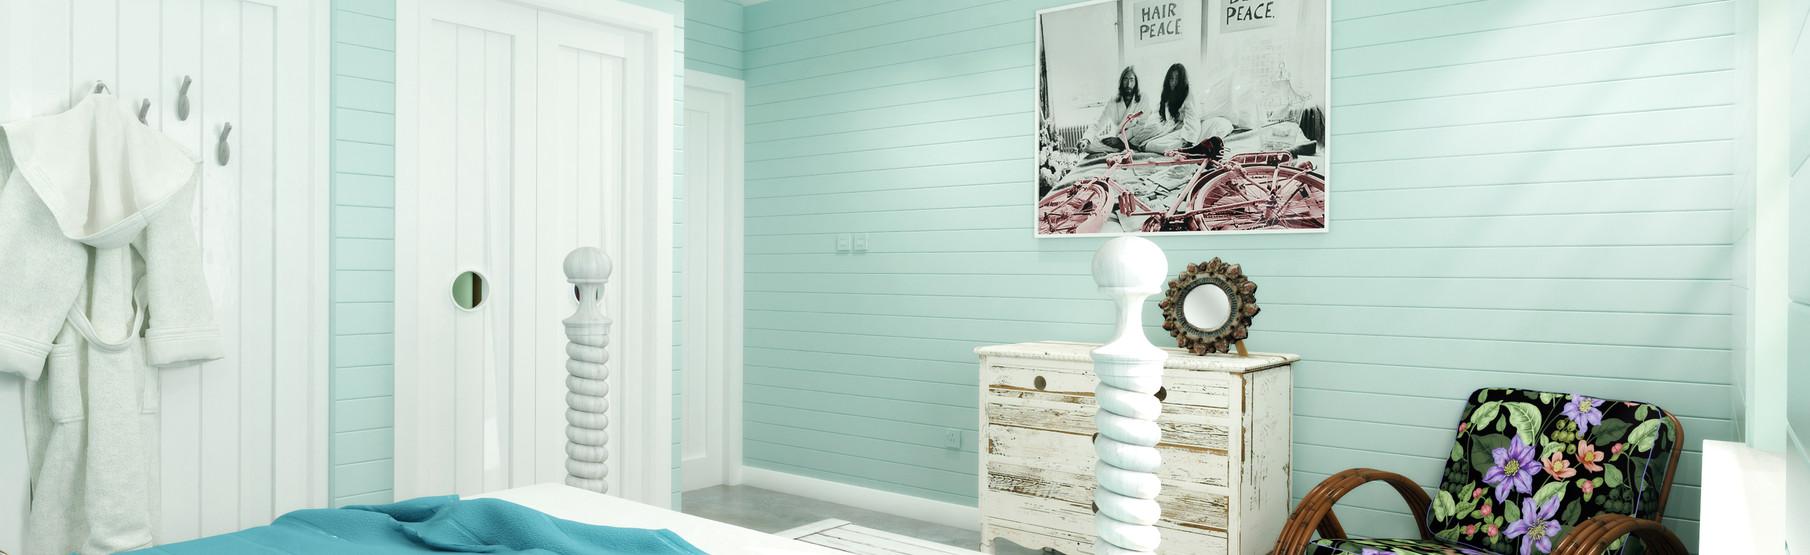 house.type.all.bedroom.queen-bed.artist-